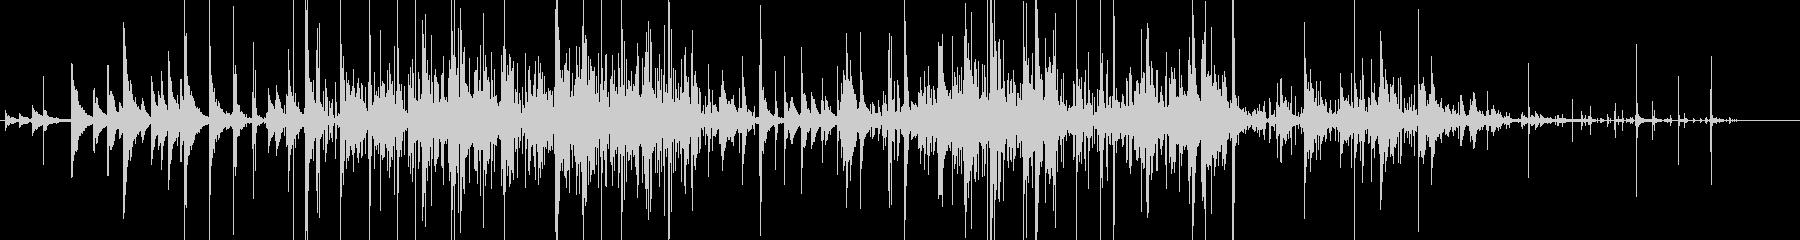 カランコロン… 静けさ 神秘的 環境音の未再生の波形